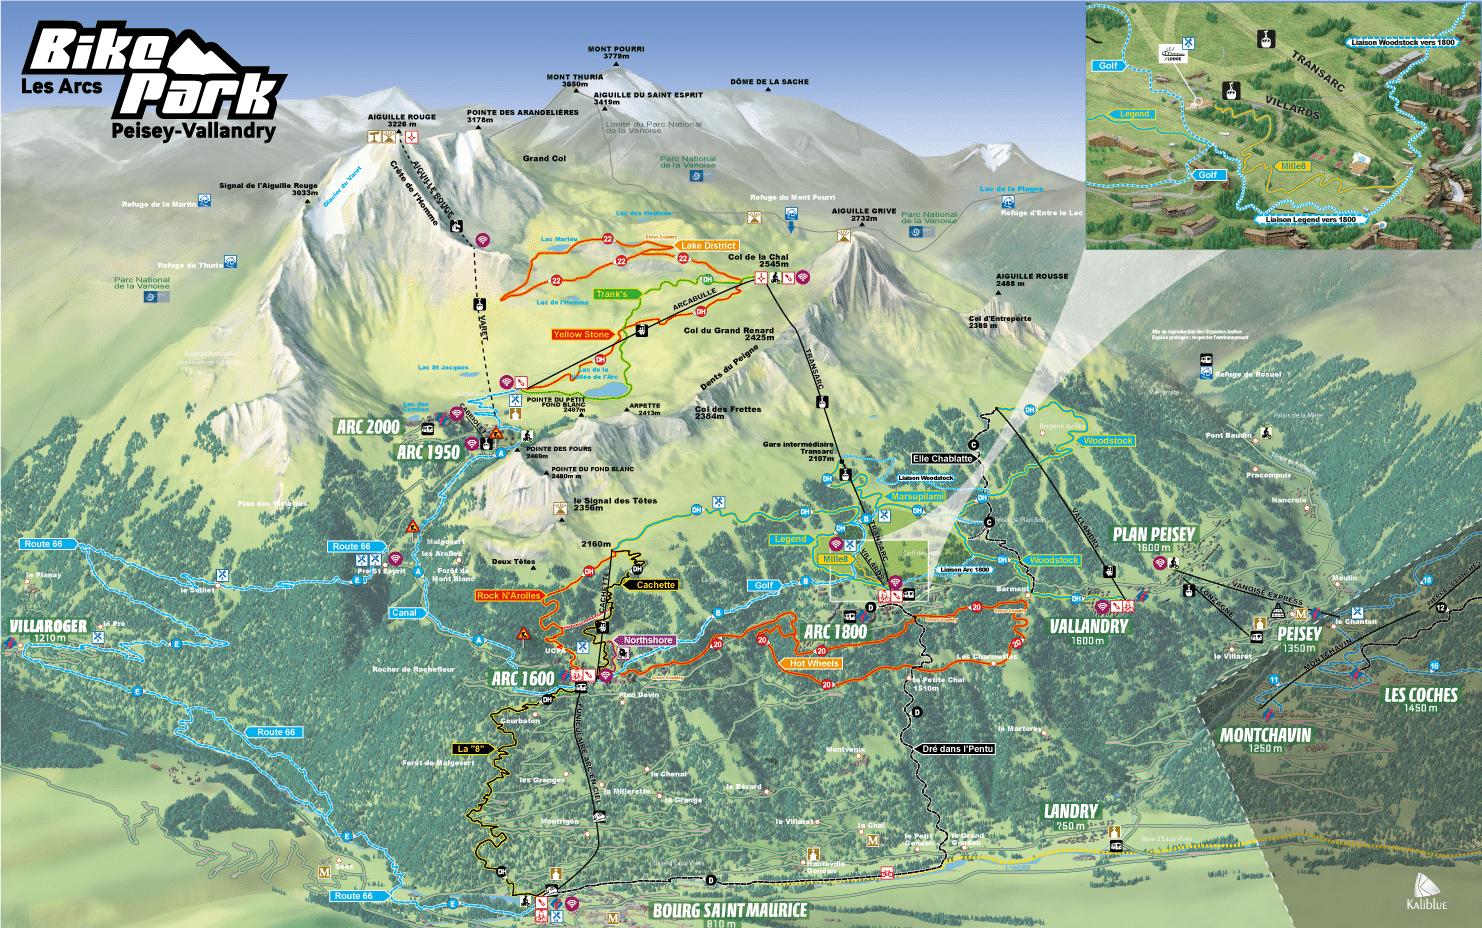 Les Arcs - plan des randonnées et descentes en VTT